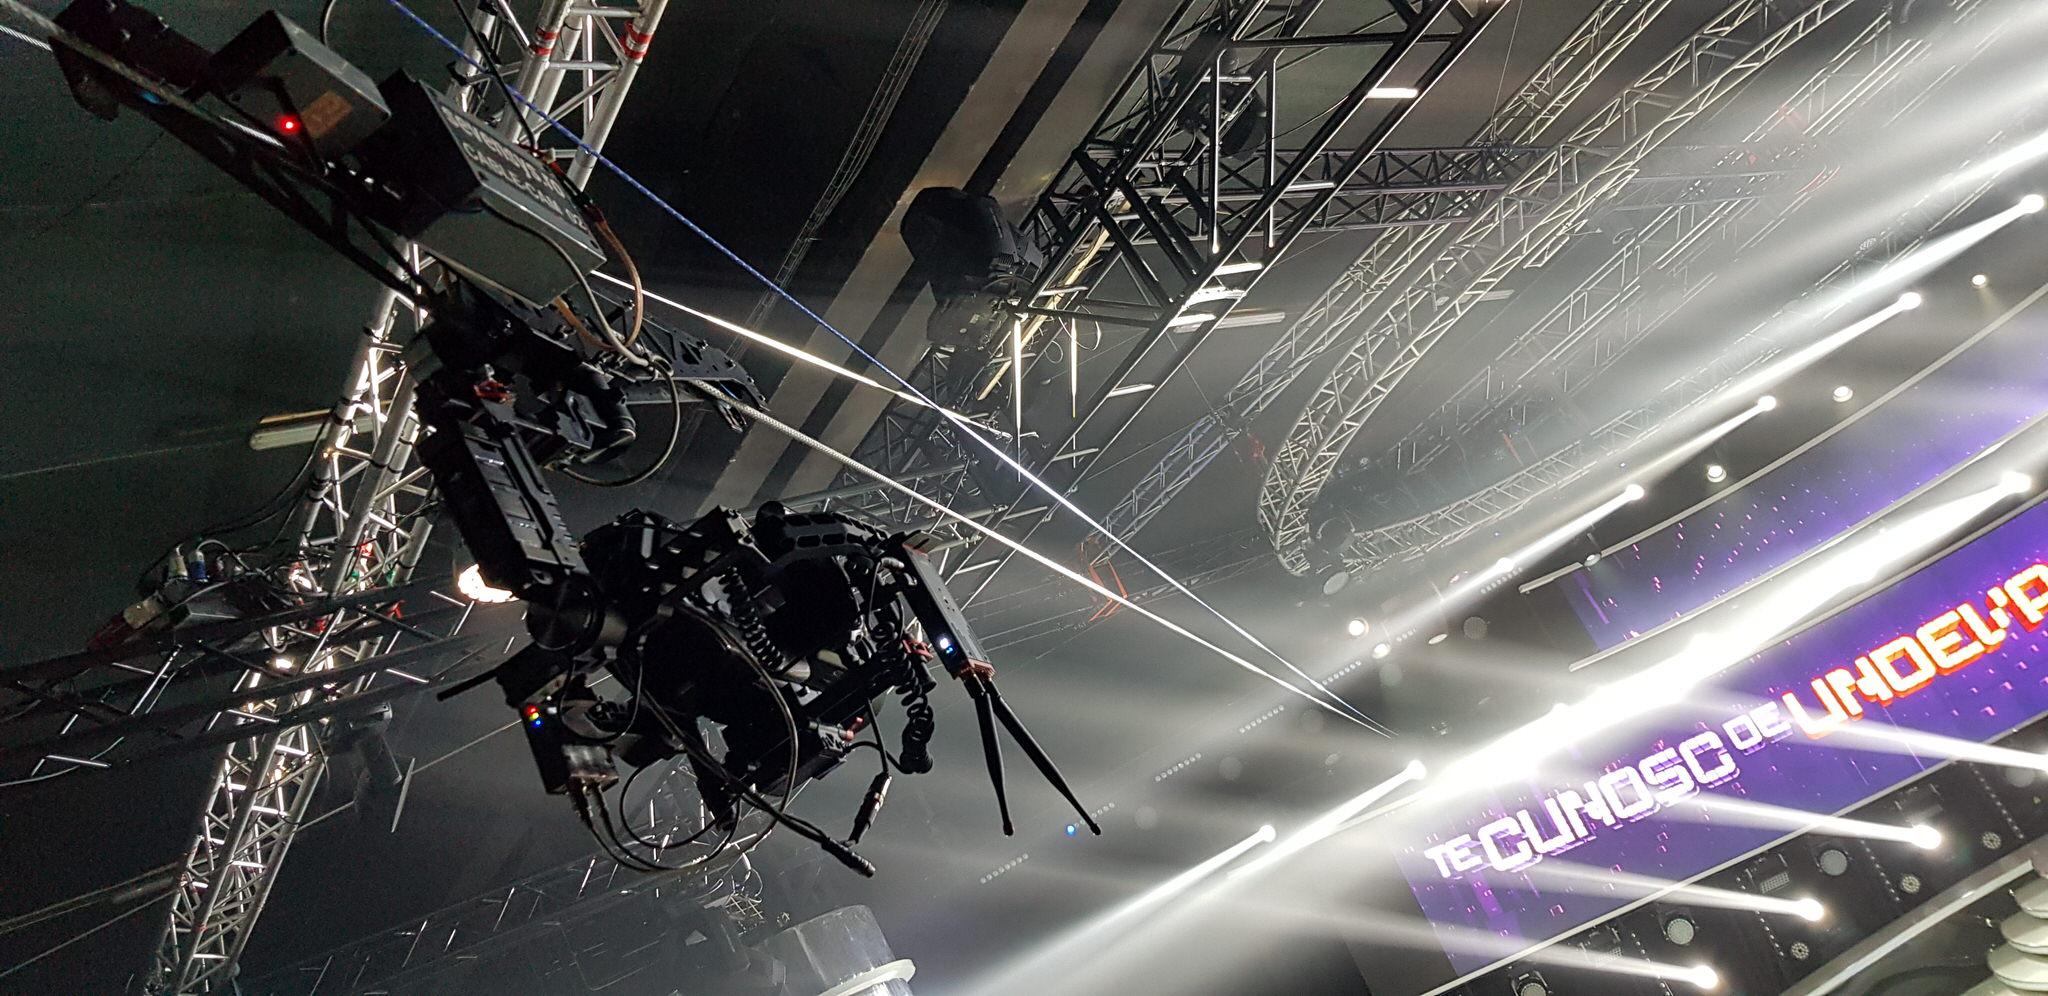 Cable Cam/ Emisiuni Divertisment - Te cunosc de undeva, Antena 1 2019